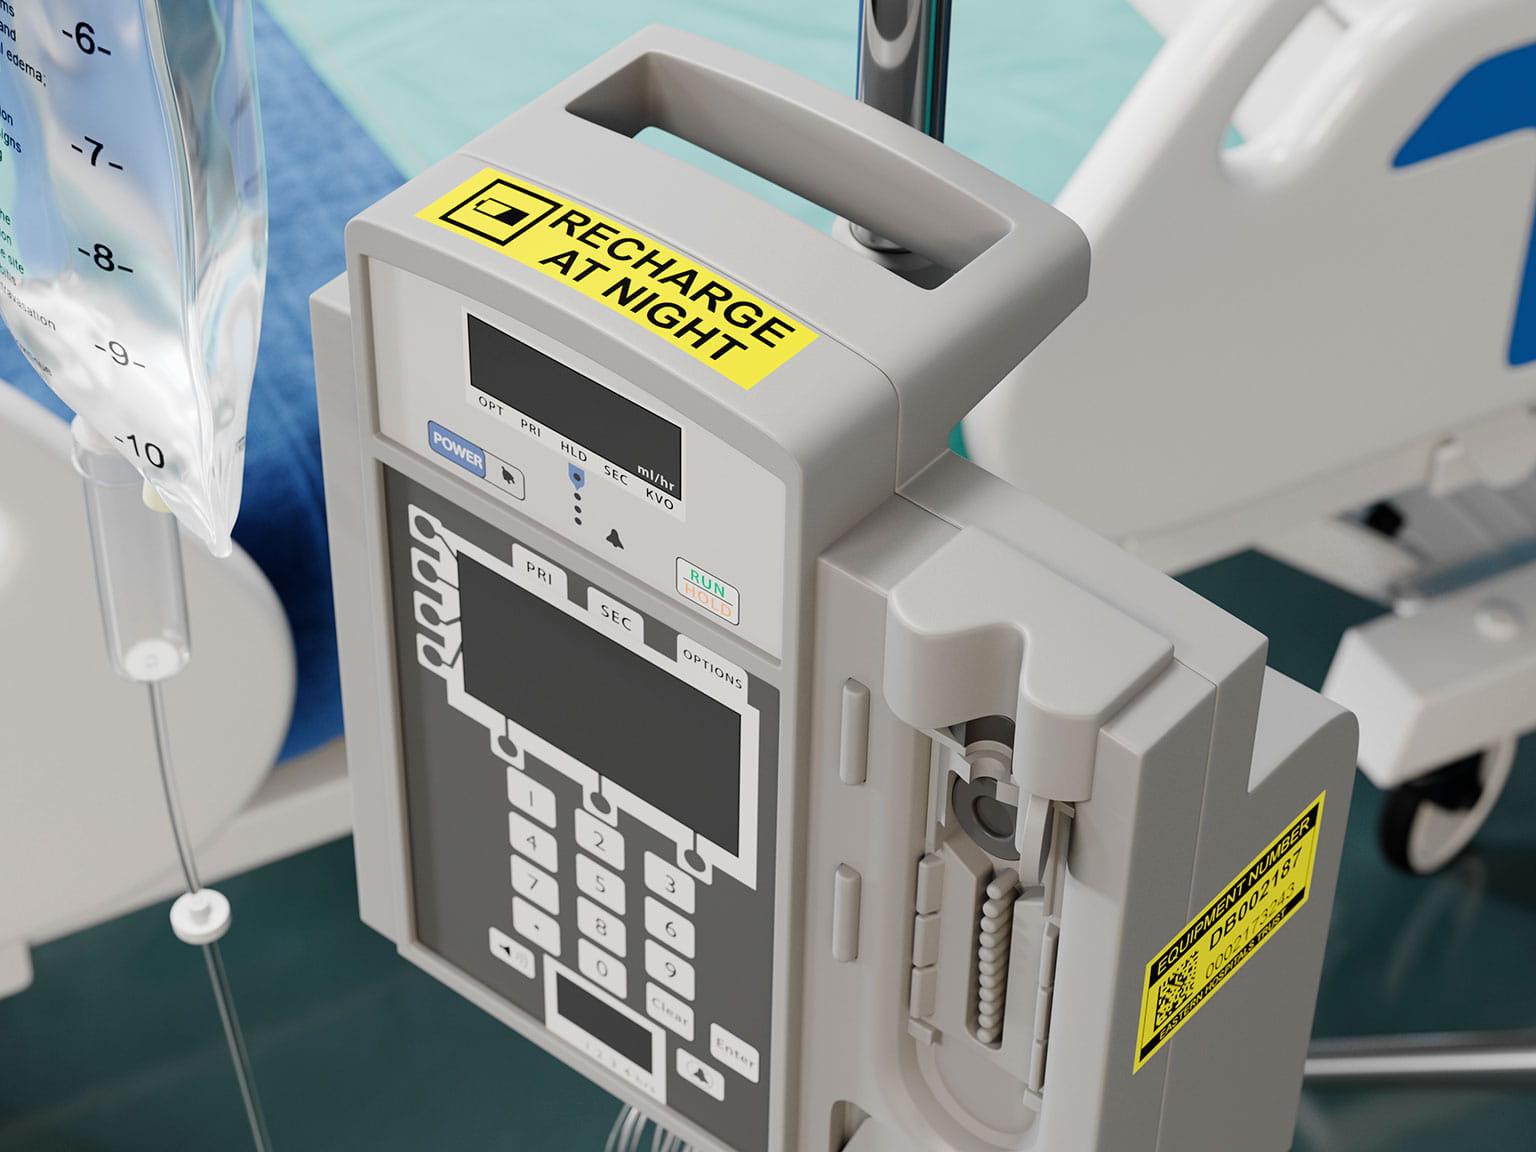 Medisinsk utstyr merket med instruksjoner for betjening